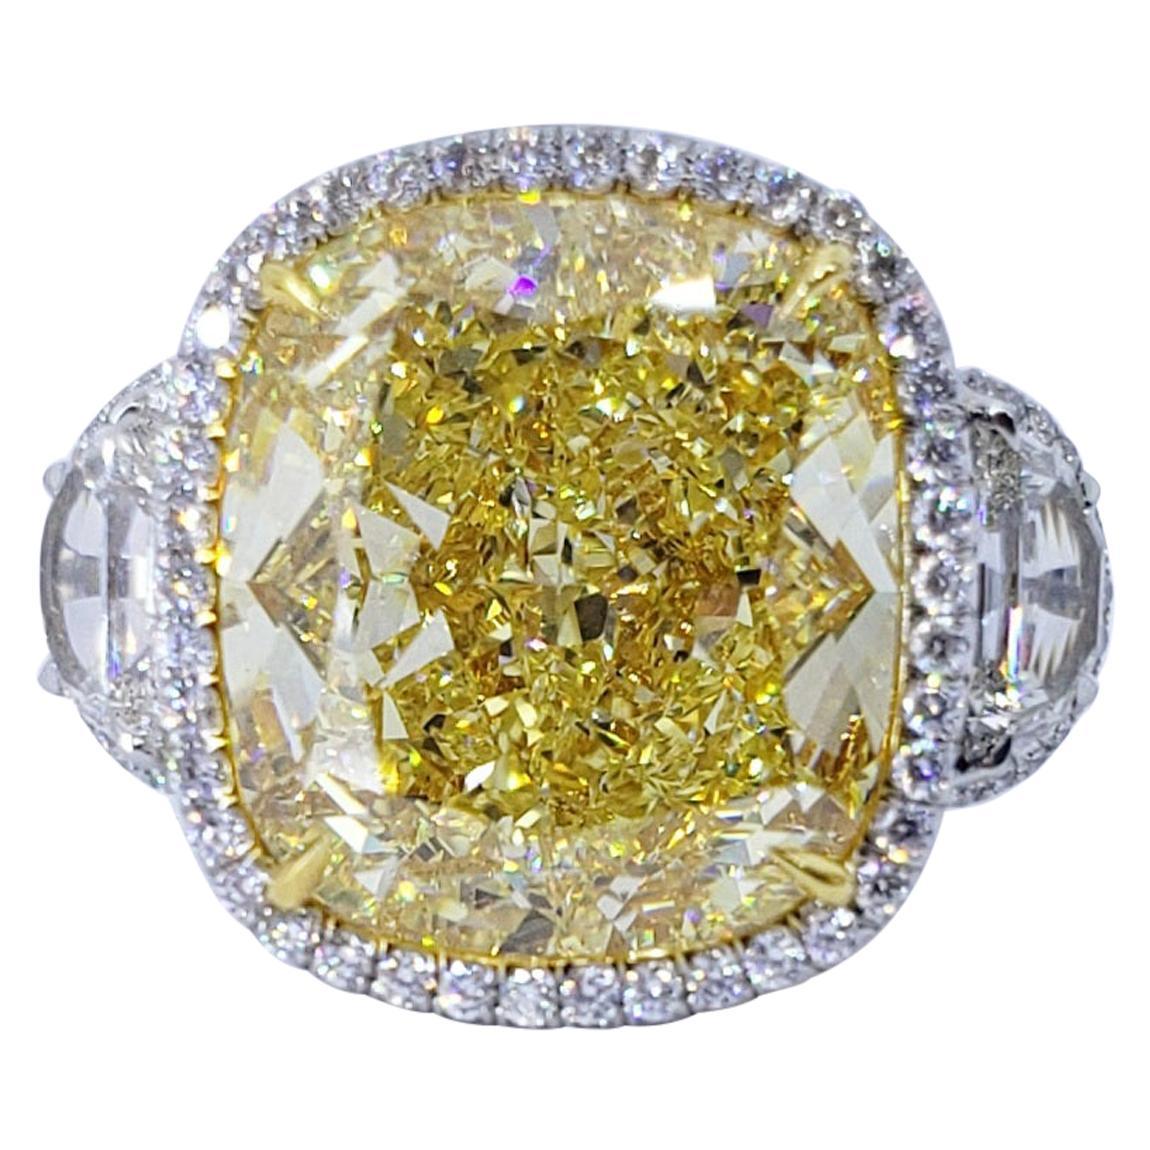 David Rosenberg 16.06 Carat Cushion Cut Fancy Yellow GIA Diamond Engagement Ring